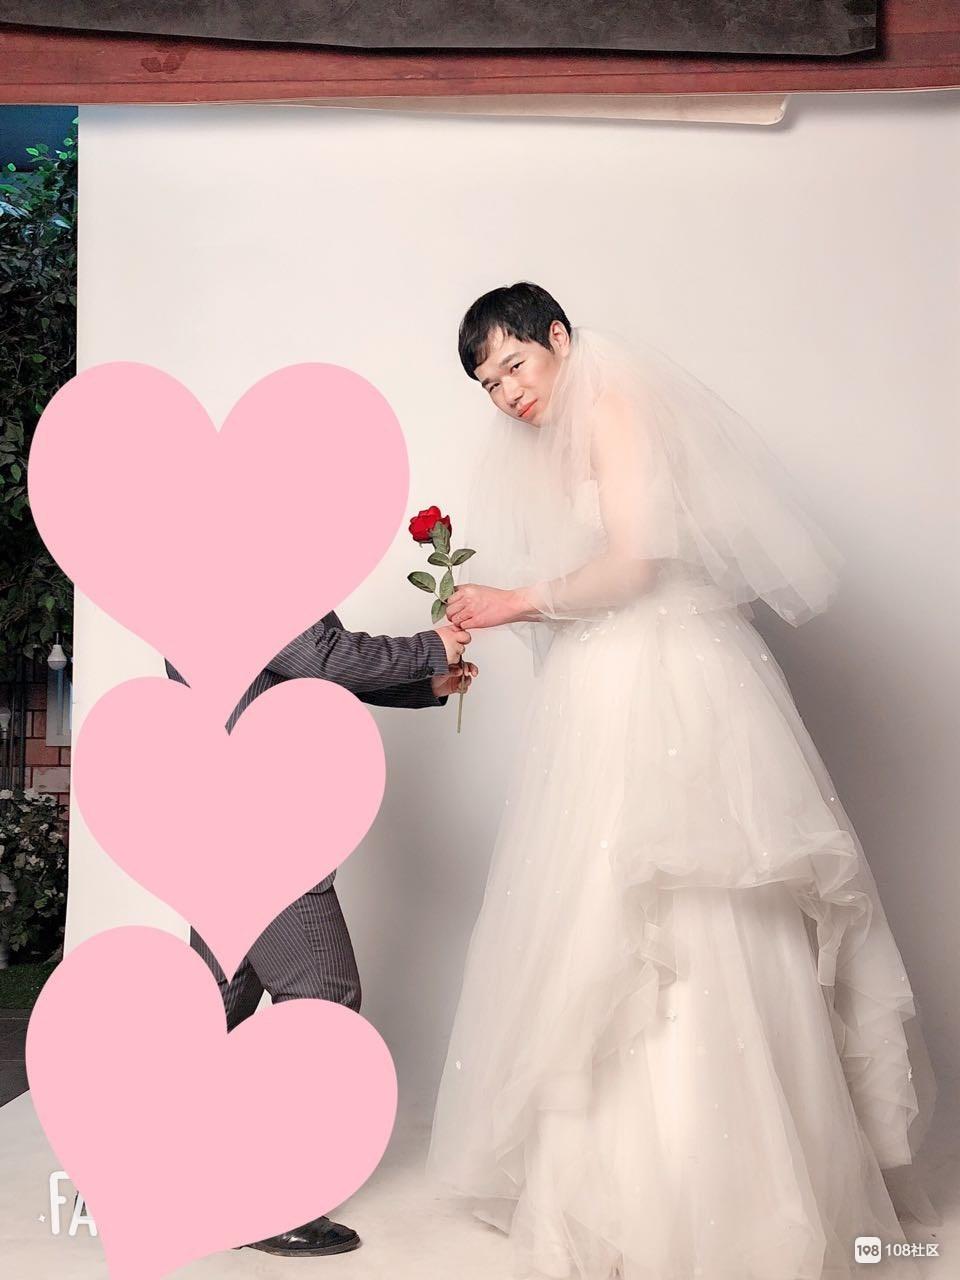 """德清社友晒幸福真会玩!新郎穿婚纱被""""求婚"""",趣味照片抢眼"""